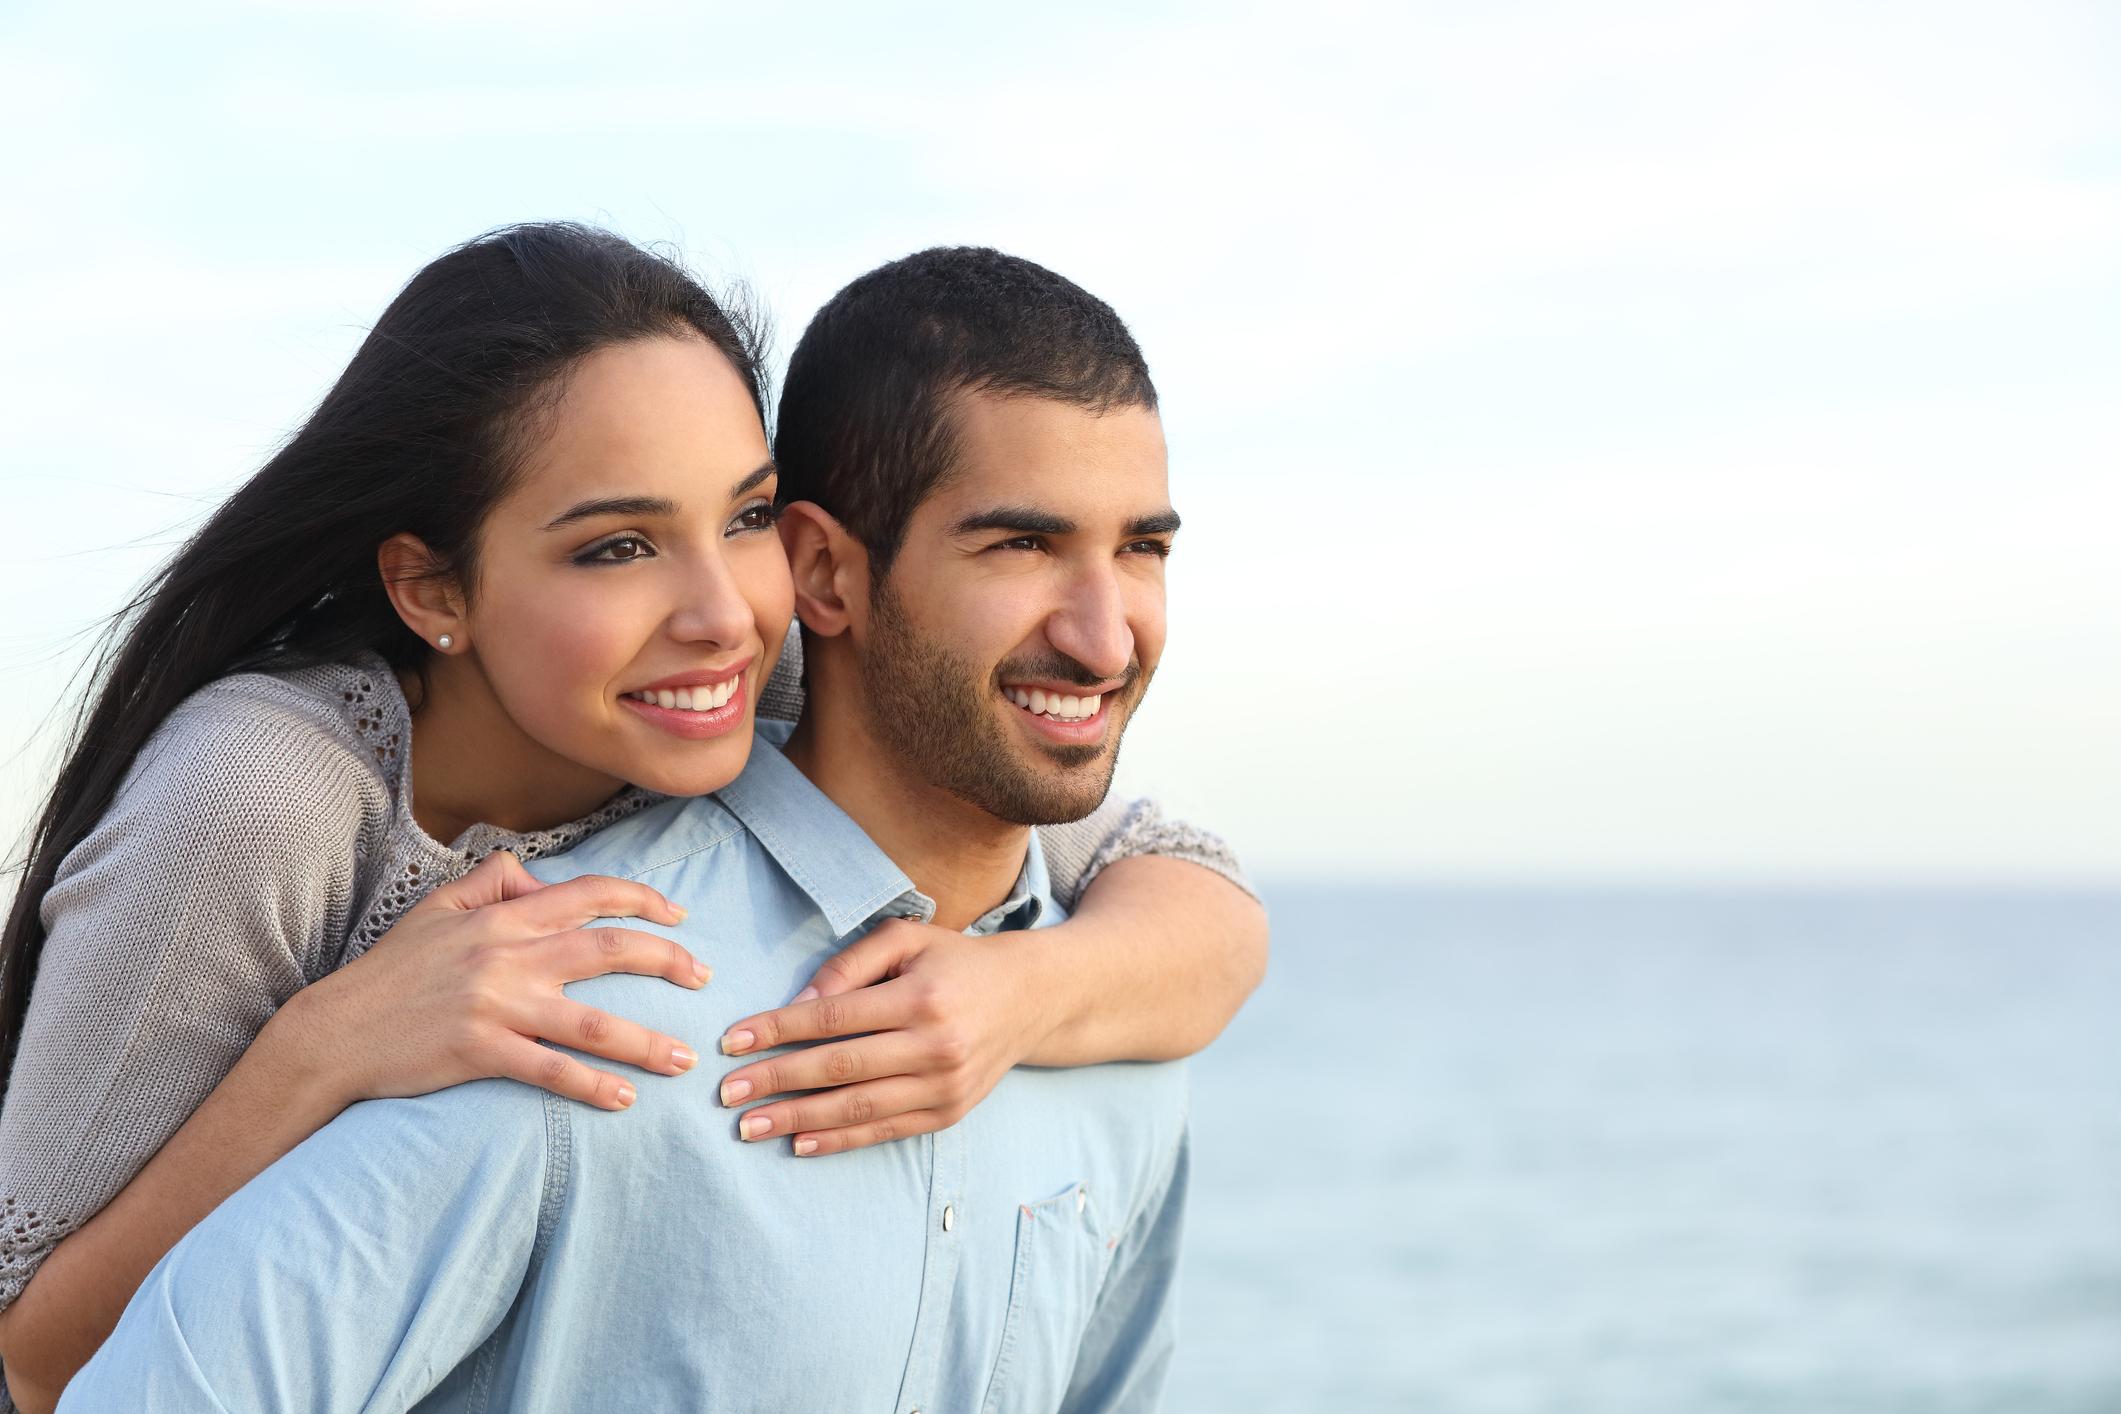 تطبيق هوايا للتعارف قصد الزواج بين المسلمين يصل إلى كندا